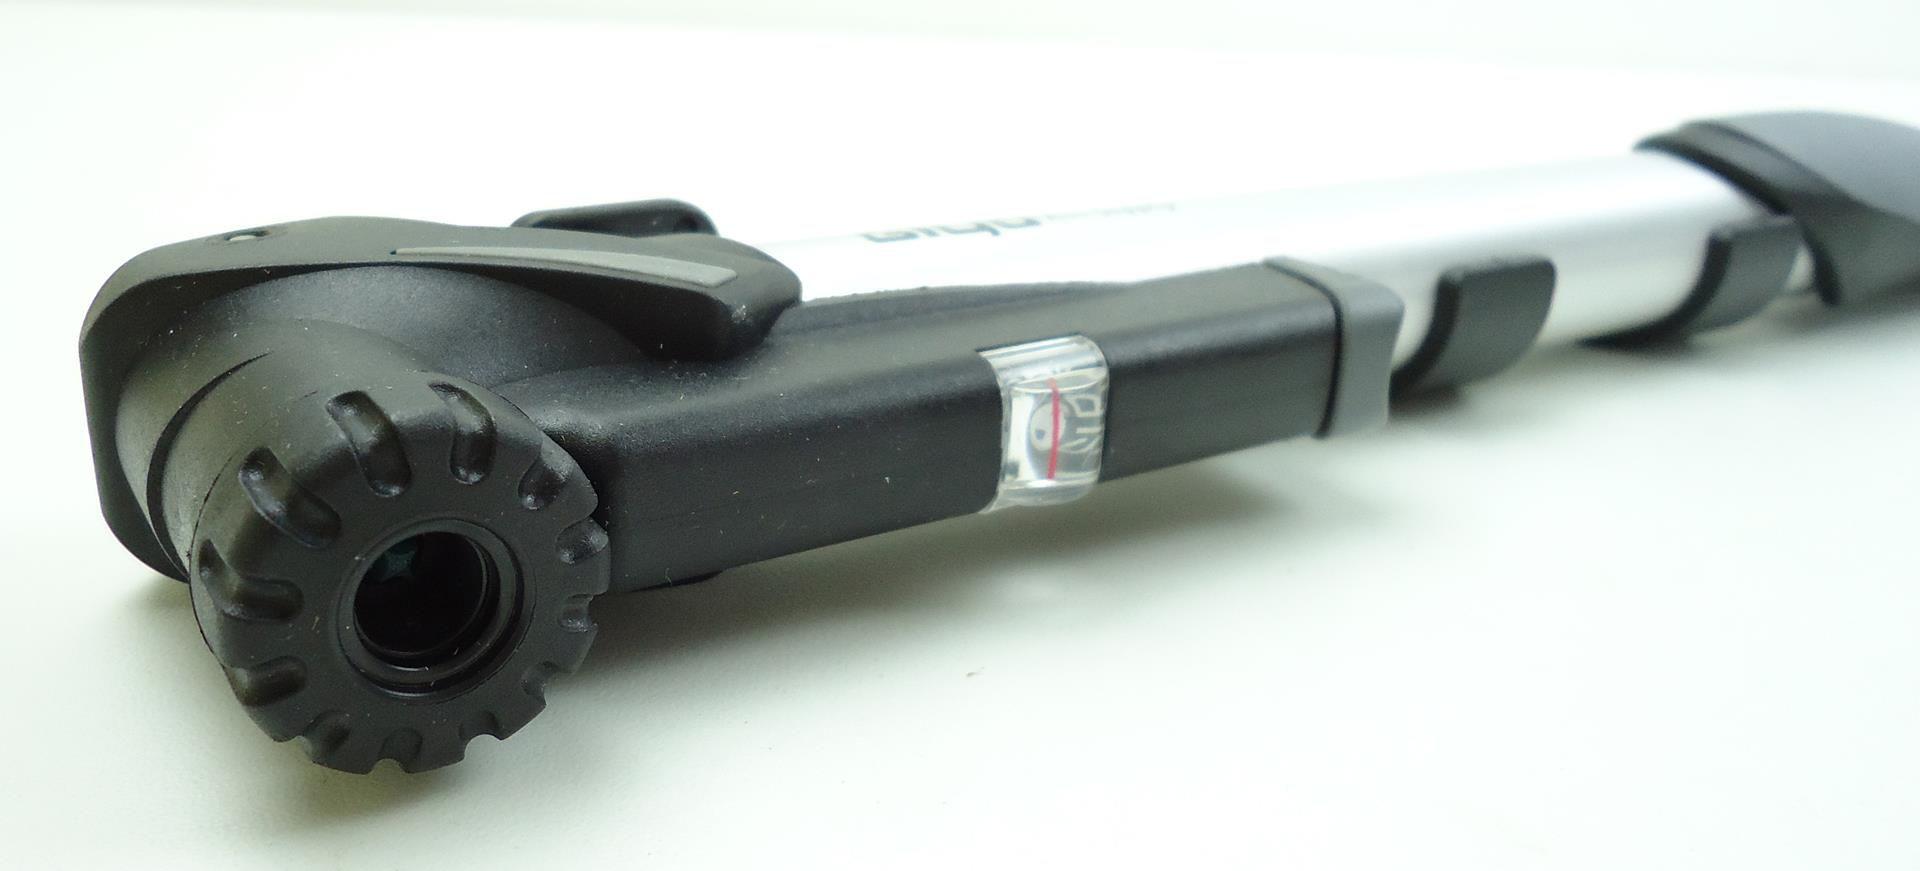 Mini Bomba Bicicleta Giyo GP94 Com Manometro Portatil até 120psi Dupla ação em Aluminio